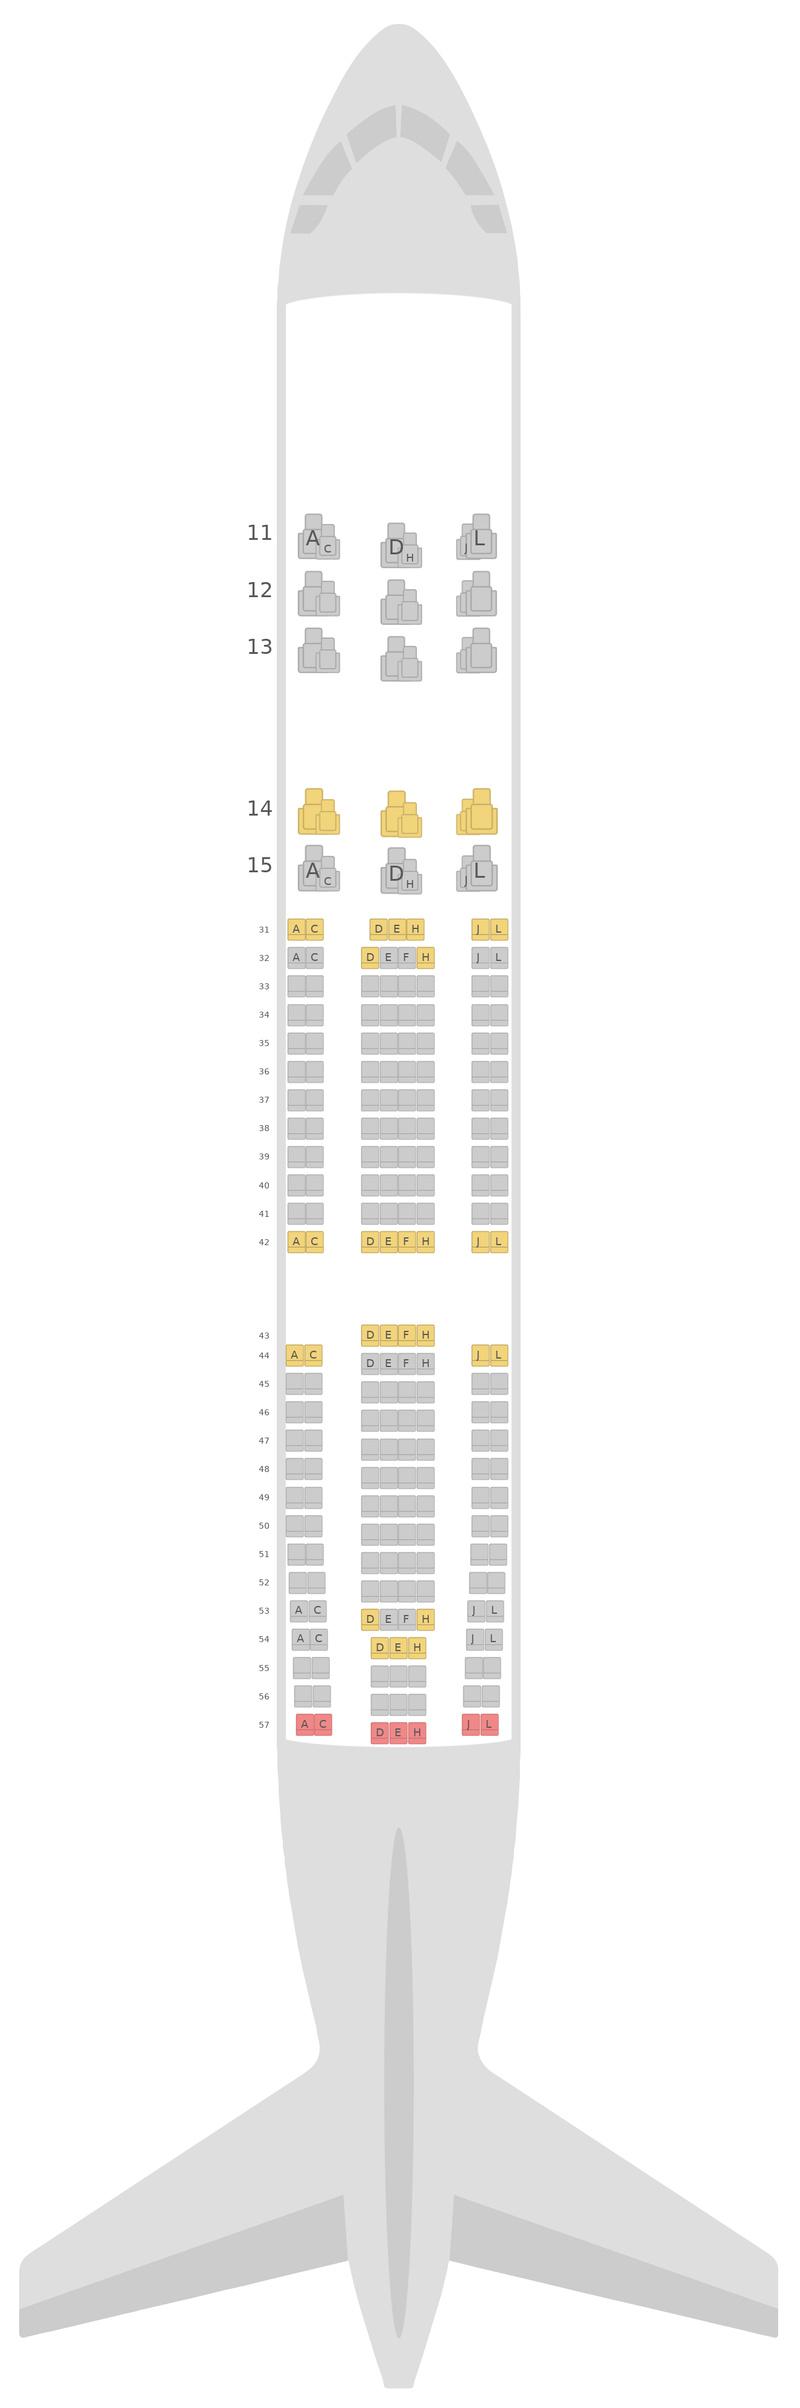 Схема салона Аэробус А330-200 (332) v1 Эйр Чайна